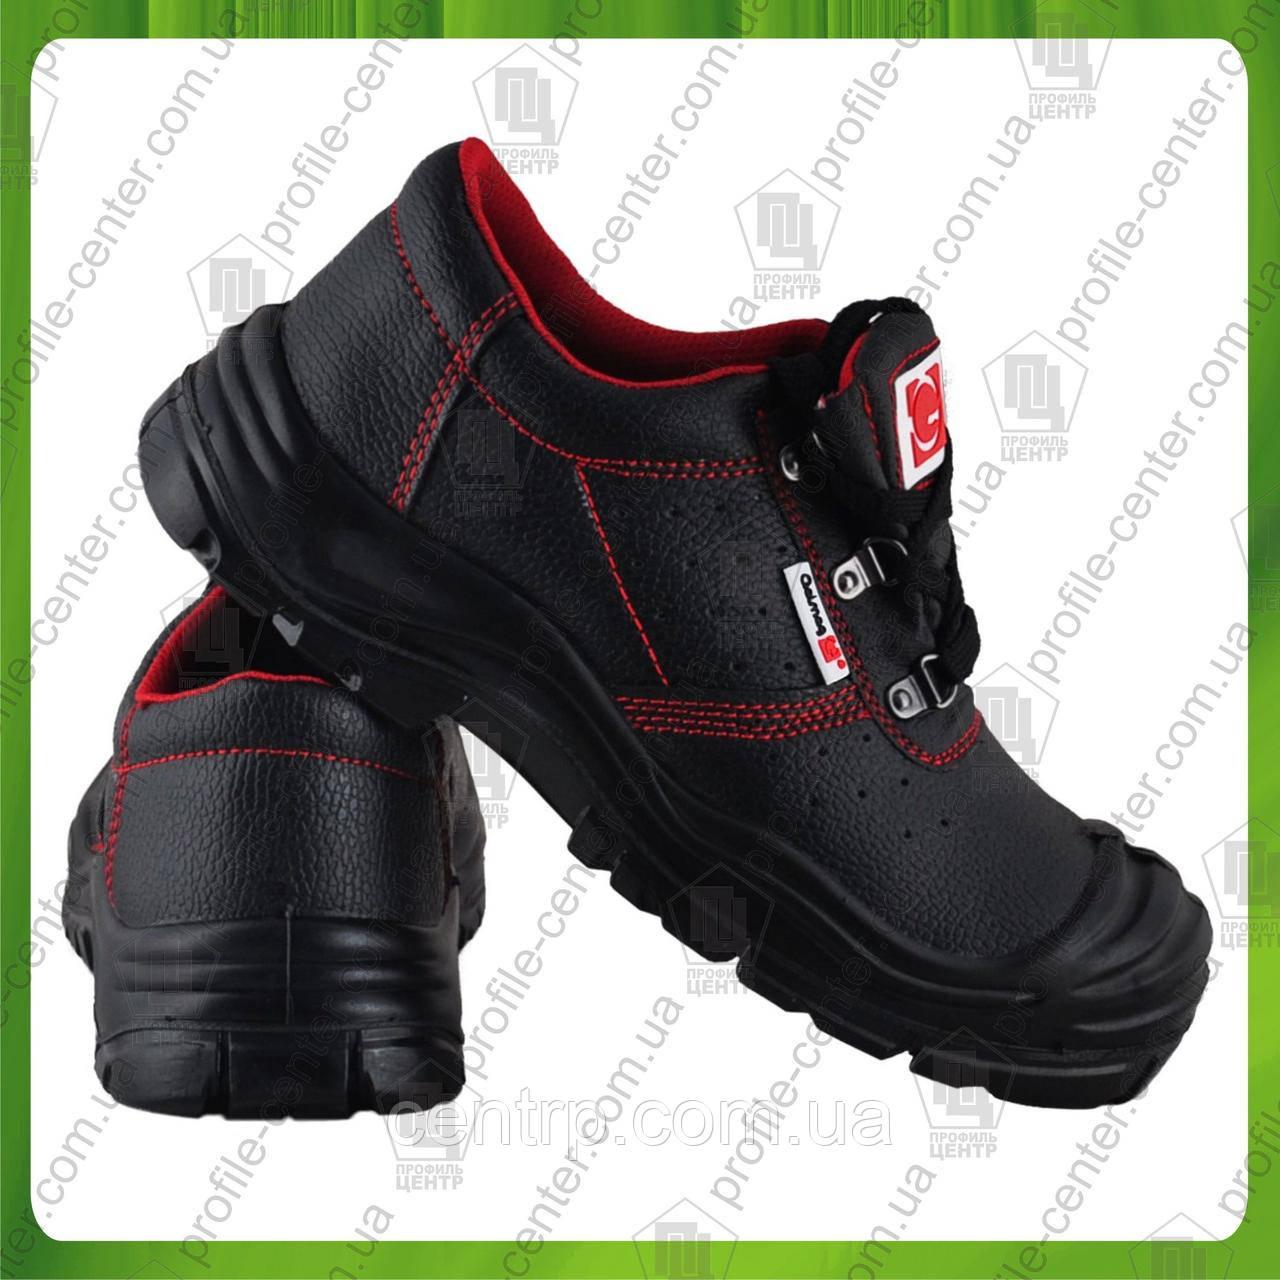 Туфли рабочие GALMAG 561 N S1 (нат.кожа)